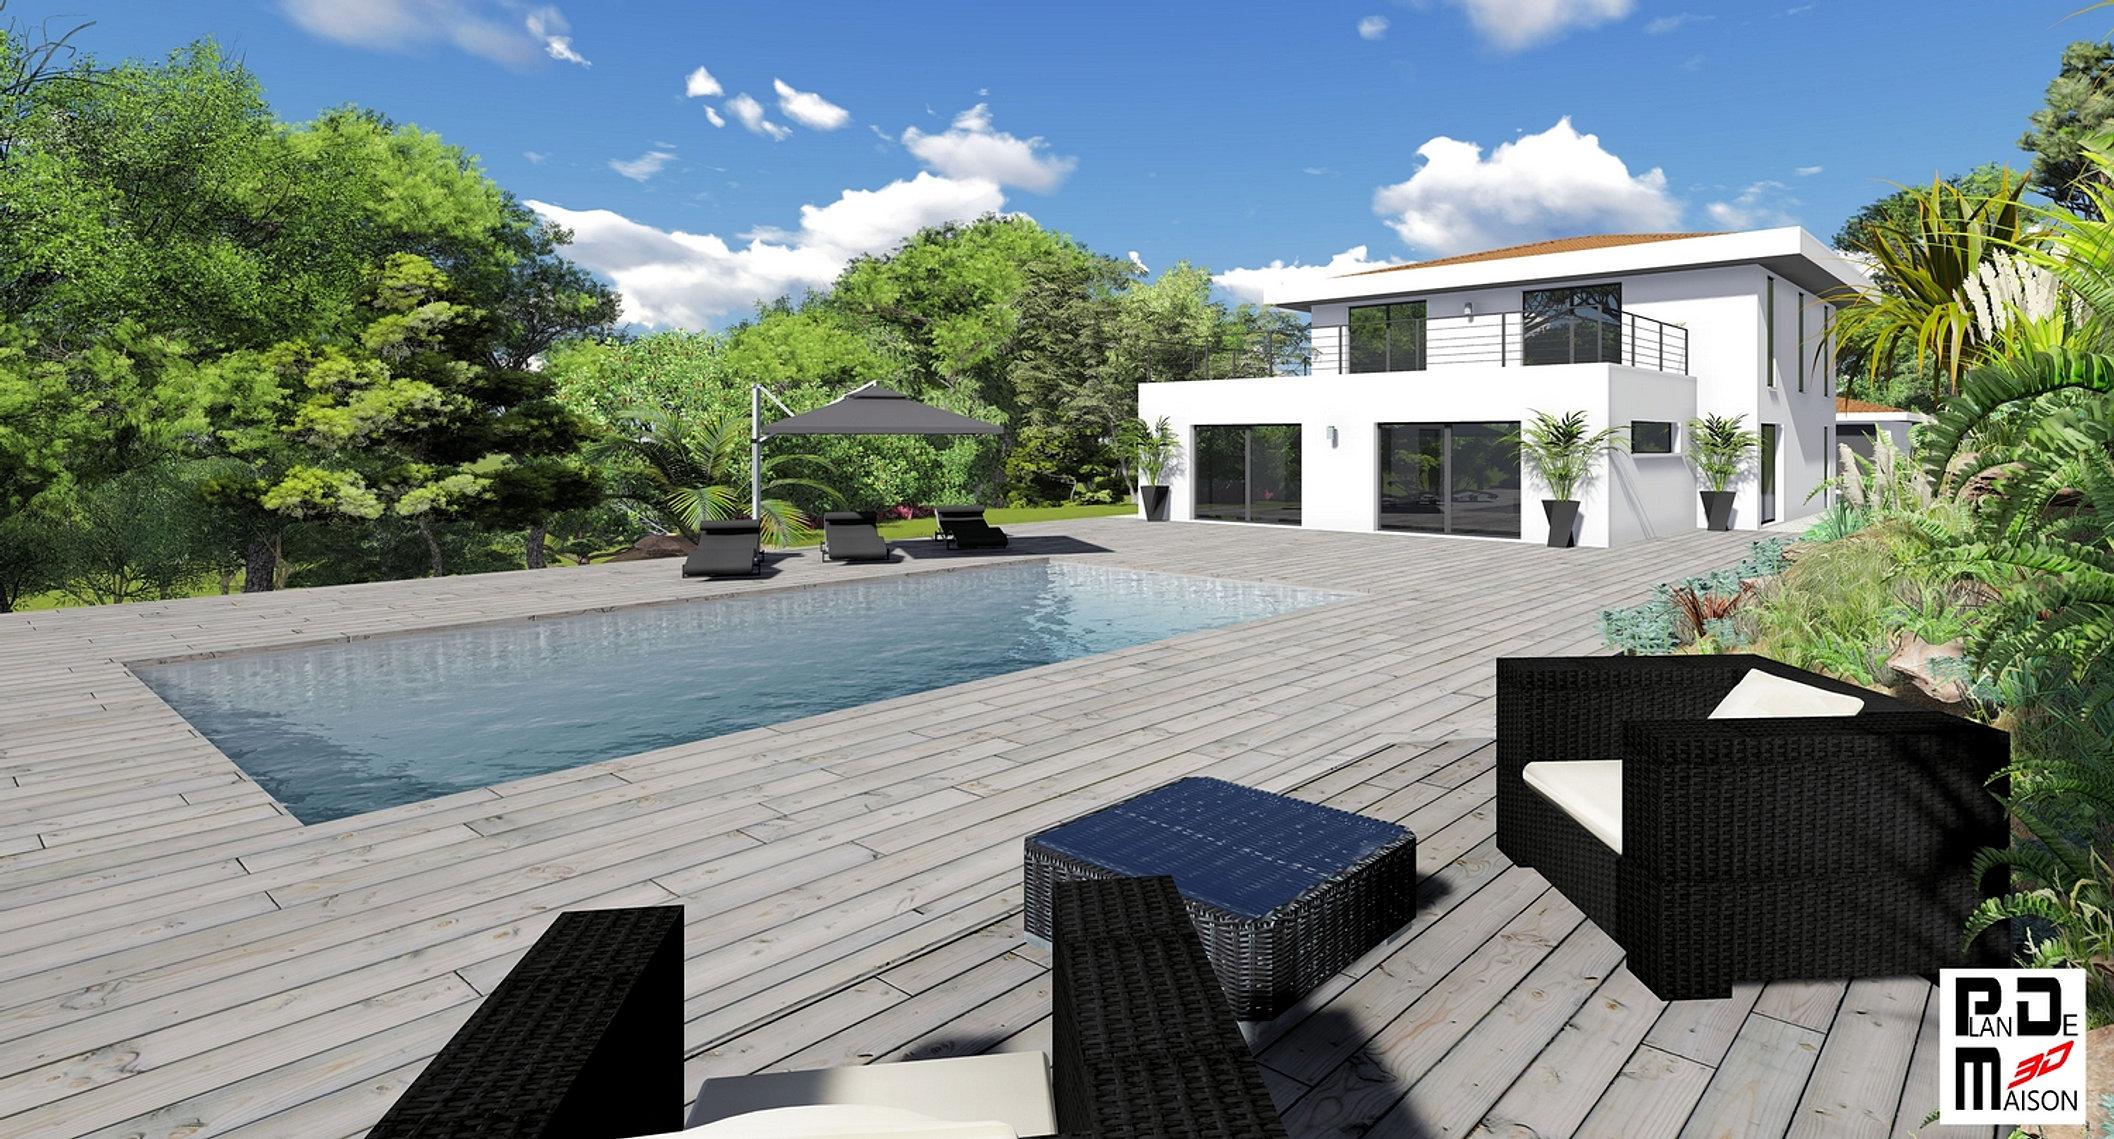 Image maison 3D/permis de construire/plan maison 3D/agence immobiliere